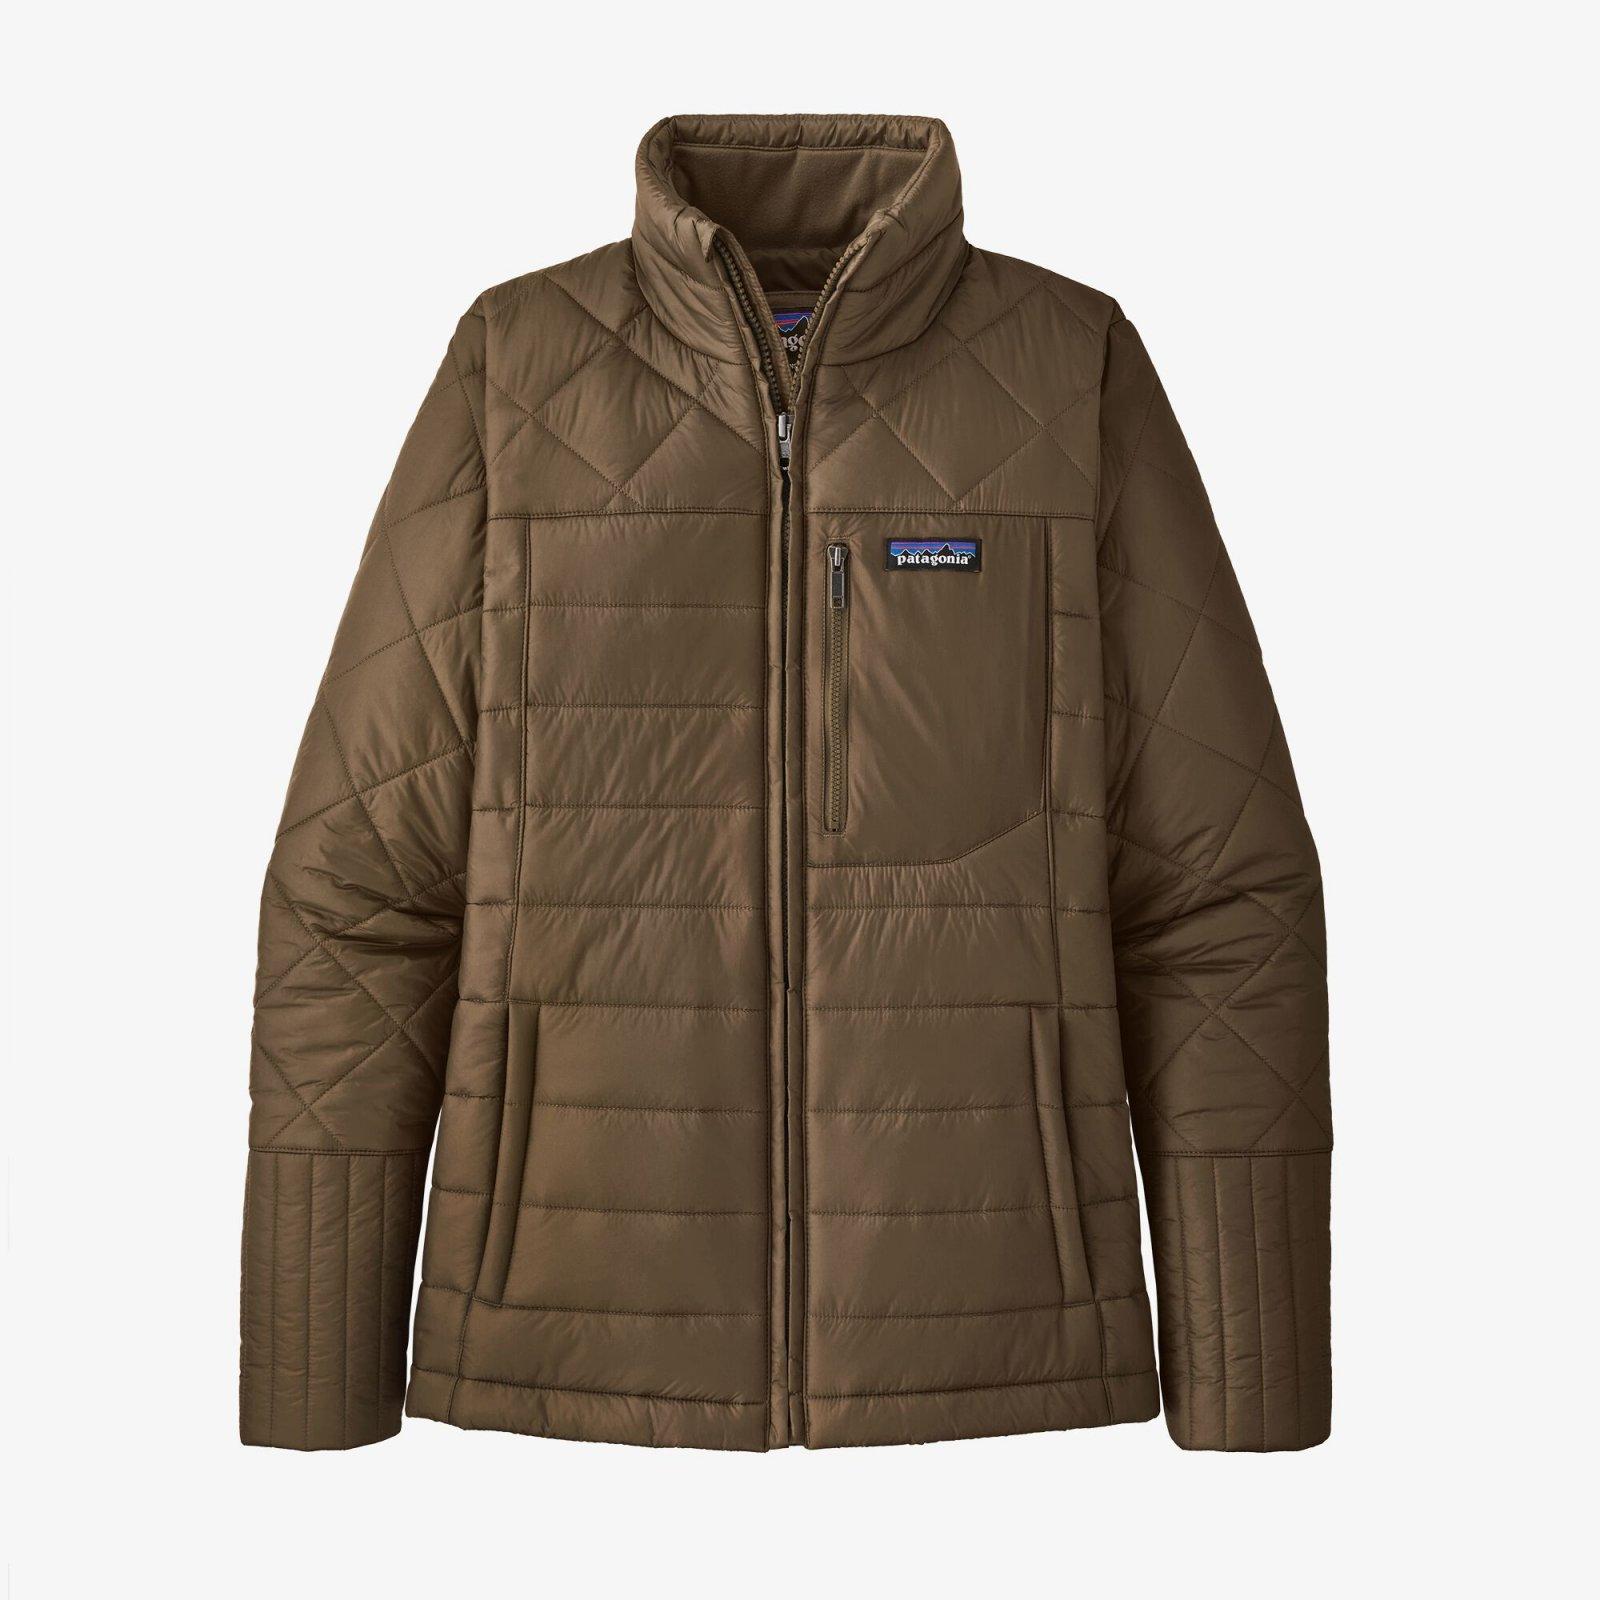 W's Patagonia Radalie Jacket - Topsoil Brown